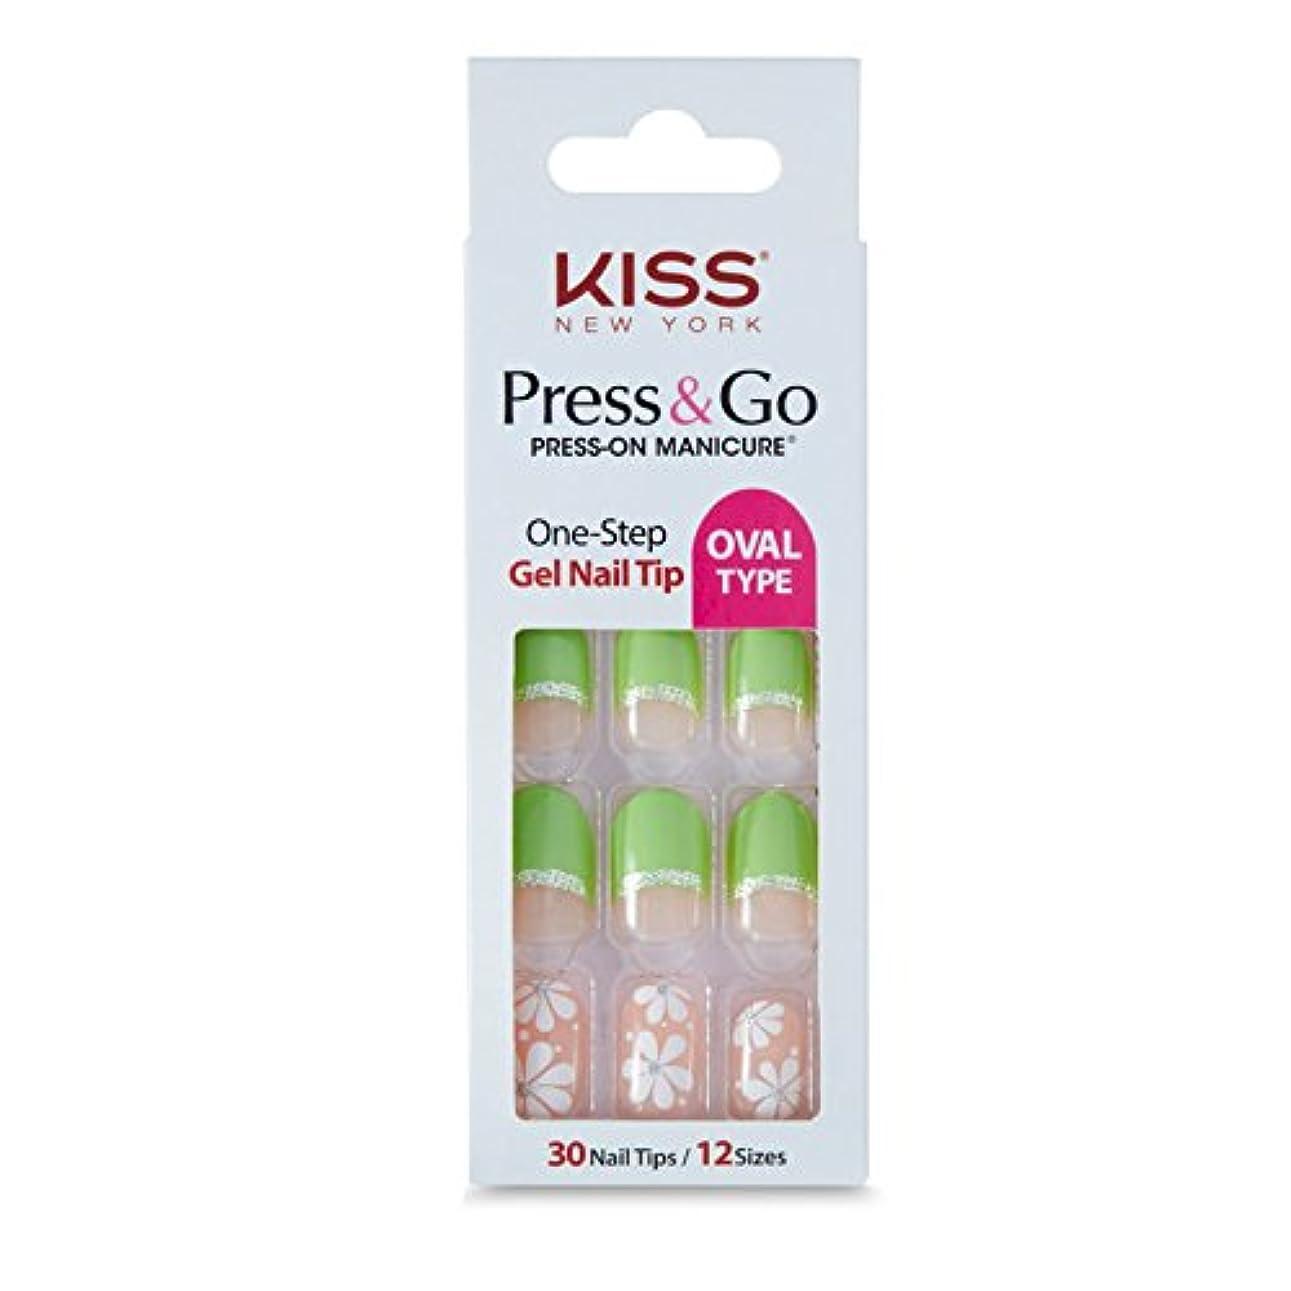 広告主彼女の作物[KISSNEWYORK]キスニューヨークプレスアンドゴーホワイトショットフレンチ(楕円形オーバルタイプ)/1秒成形ネイルPNG0102K付けるネイルPRESS&GO PRESS-ON MANICURE One-Step Gel Nail Tip/OVAL TYPE (Green Flower)